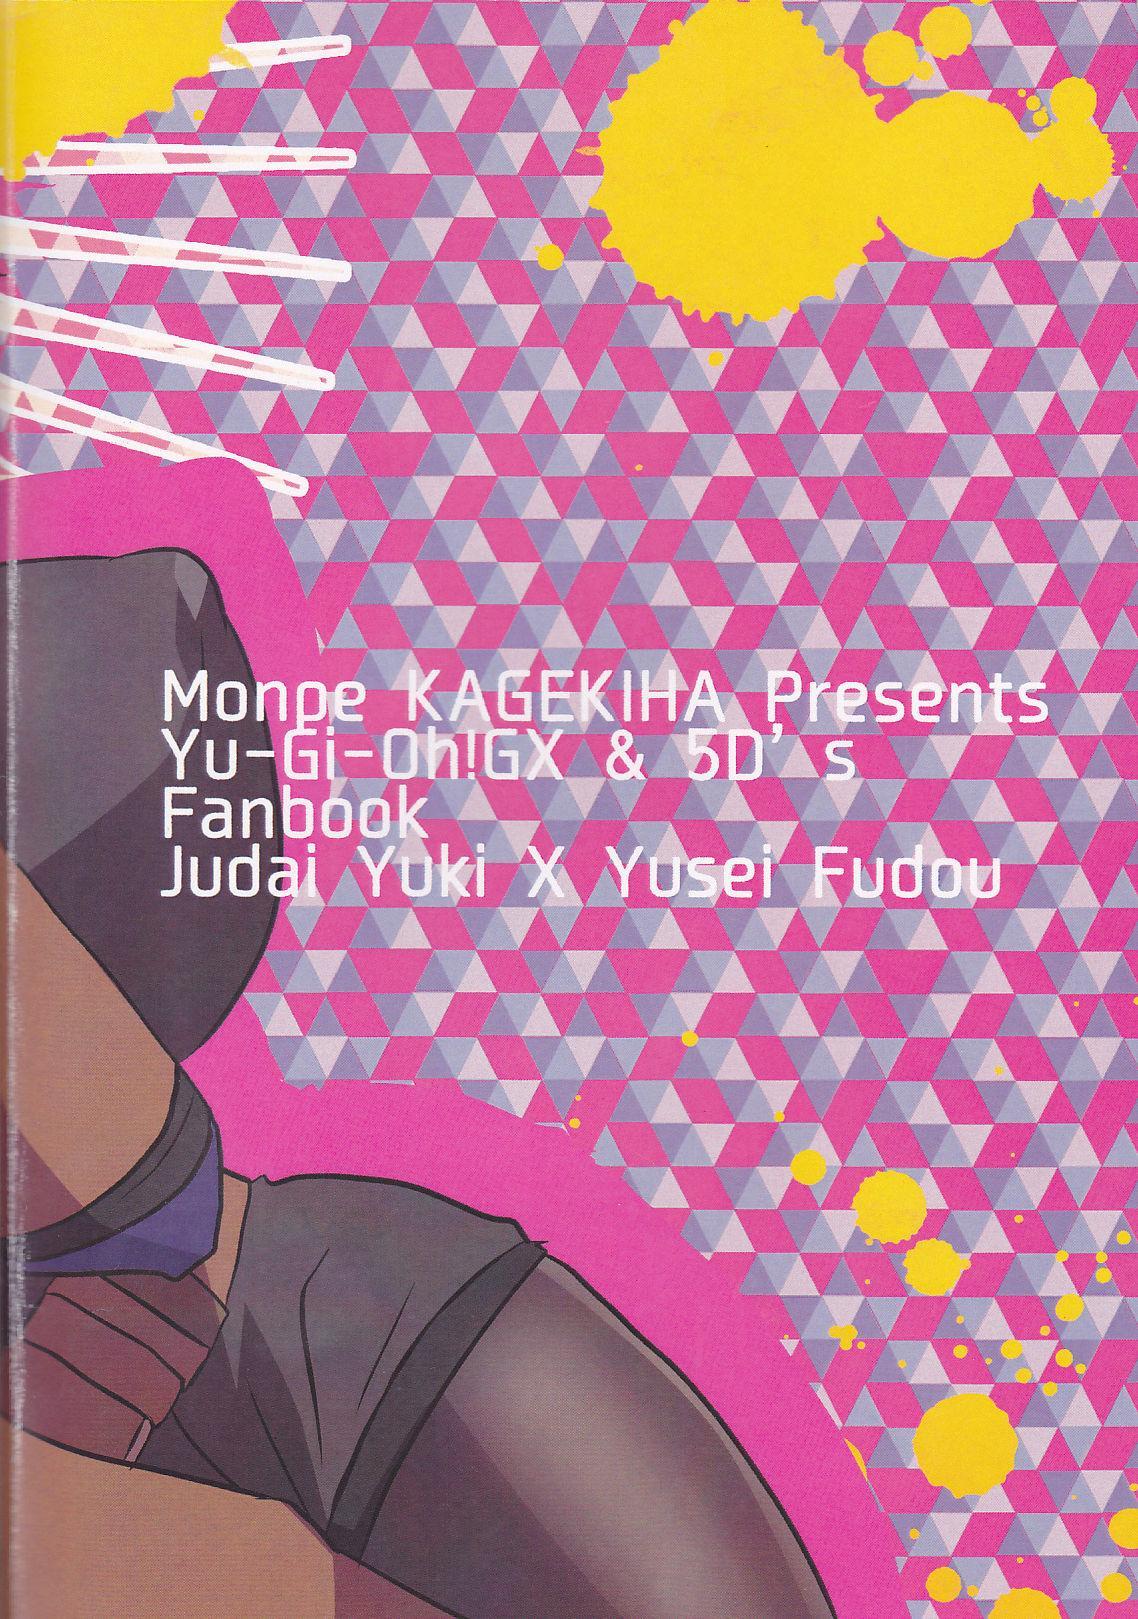 (Sennen Battle Phase 19) [Monpe Kagekiha (Murako)] Doutei Dai-san to Donkan Sei-san ♀ ga Koibito ni naru made no Yakusuun Hi (Yu-Gi-Oh! GX, Yu-Gi-Oh! 5D's) [English] [biribiri] 38